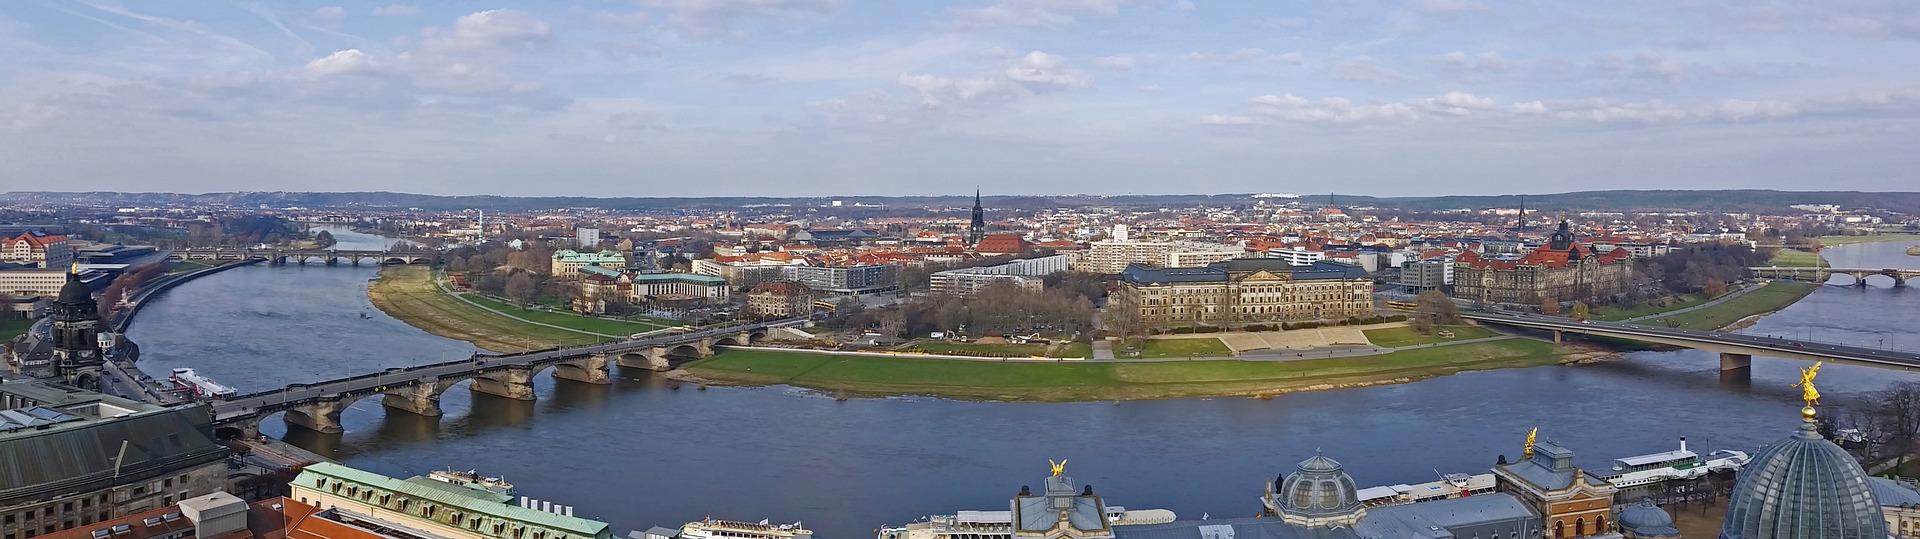 In Dresden mit Kindern leben - was die Stadt neben dem schönen Panorama für Familien bietet